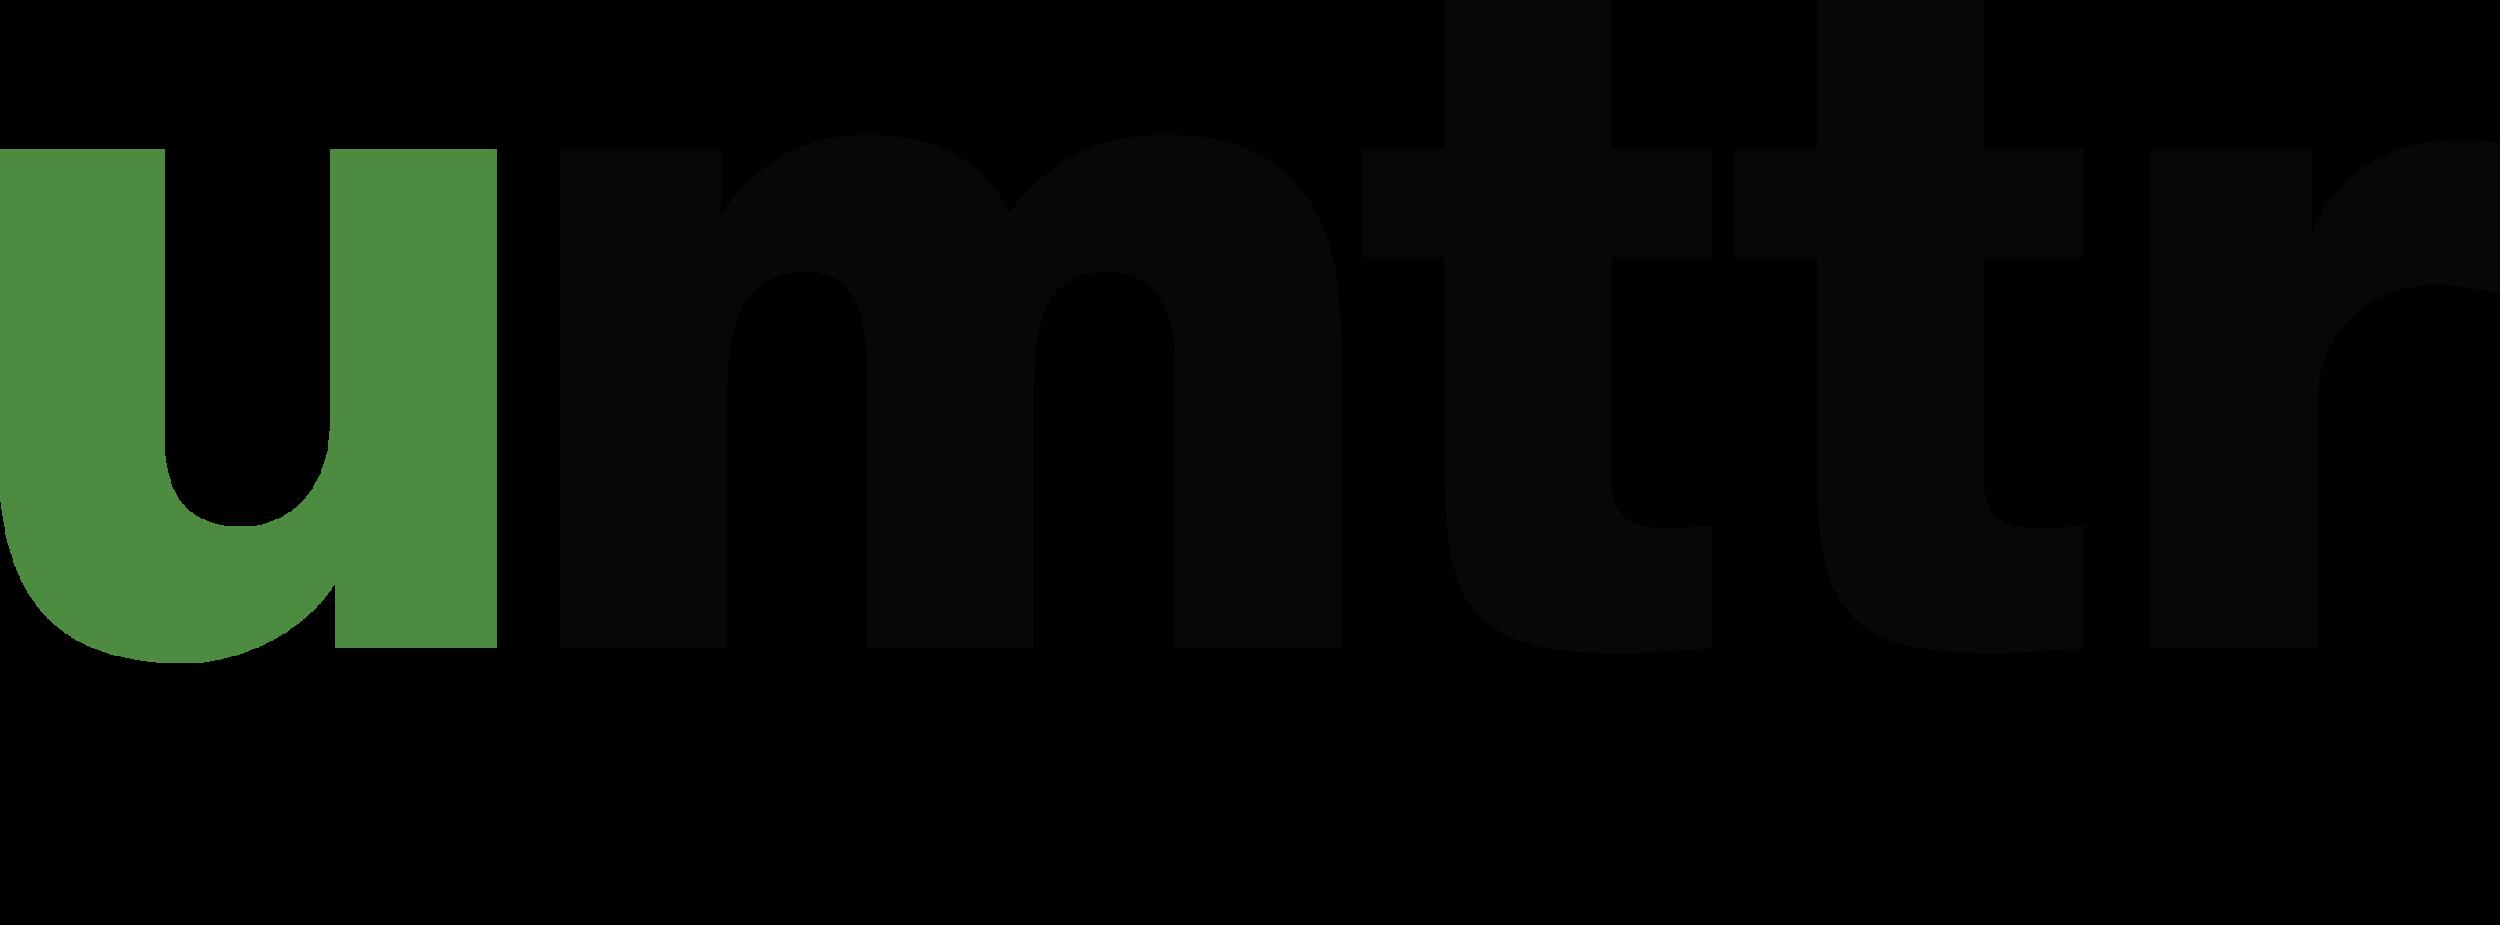 umttr_HighRes_Logo.png